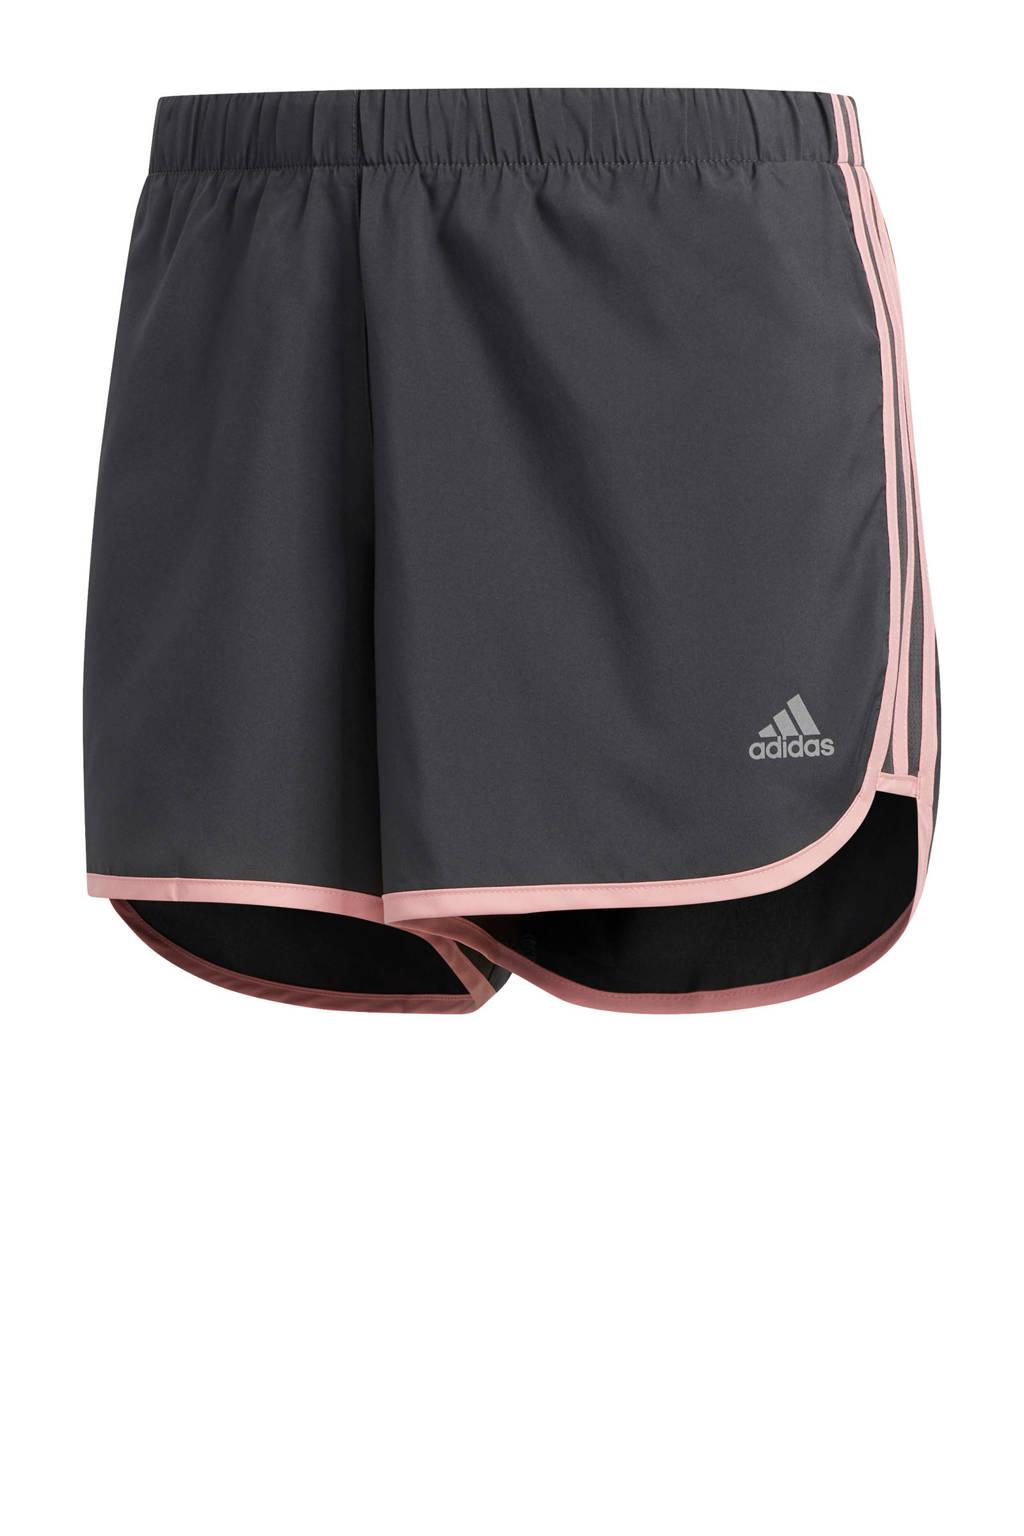 adidas Performance hardloopshort antraciet/roze, Antraciet/roze